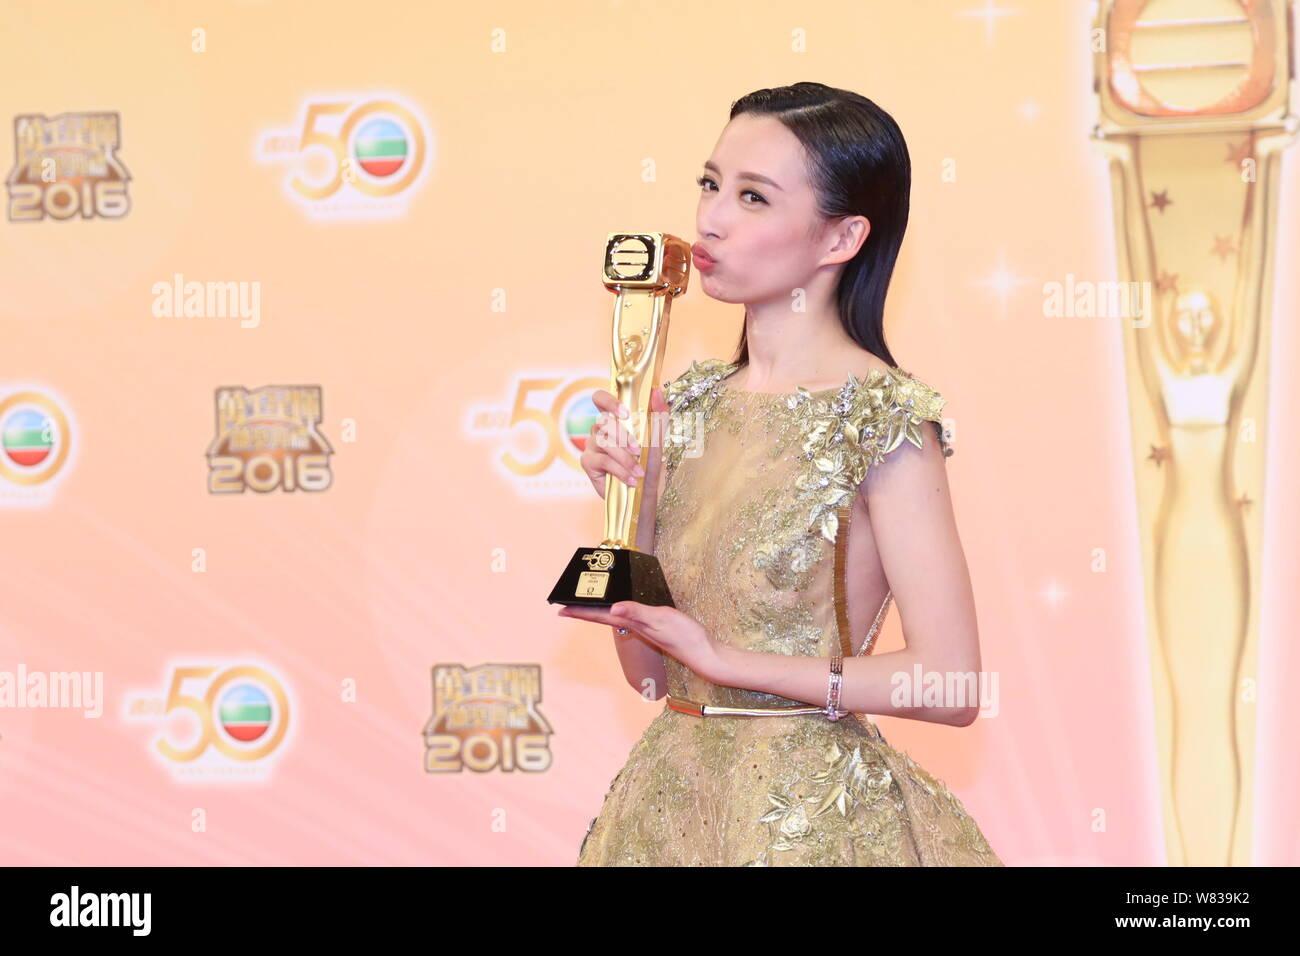 Tvb Actress Stock Photos & Tvb Actress Stock Images - Alamy